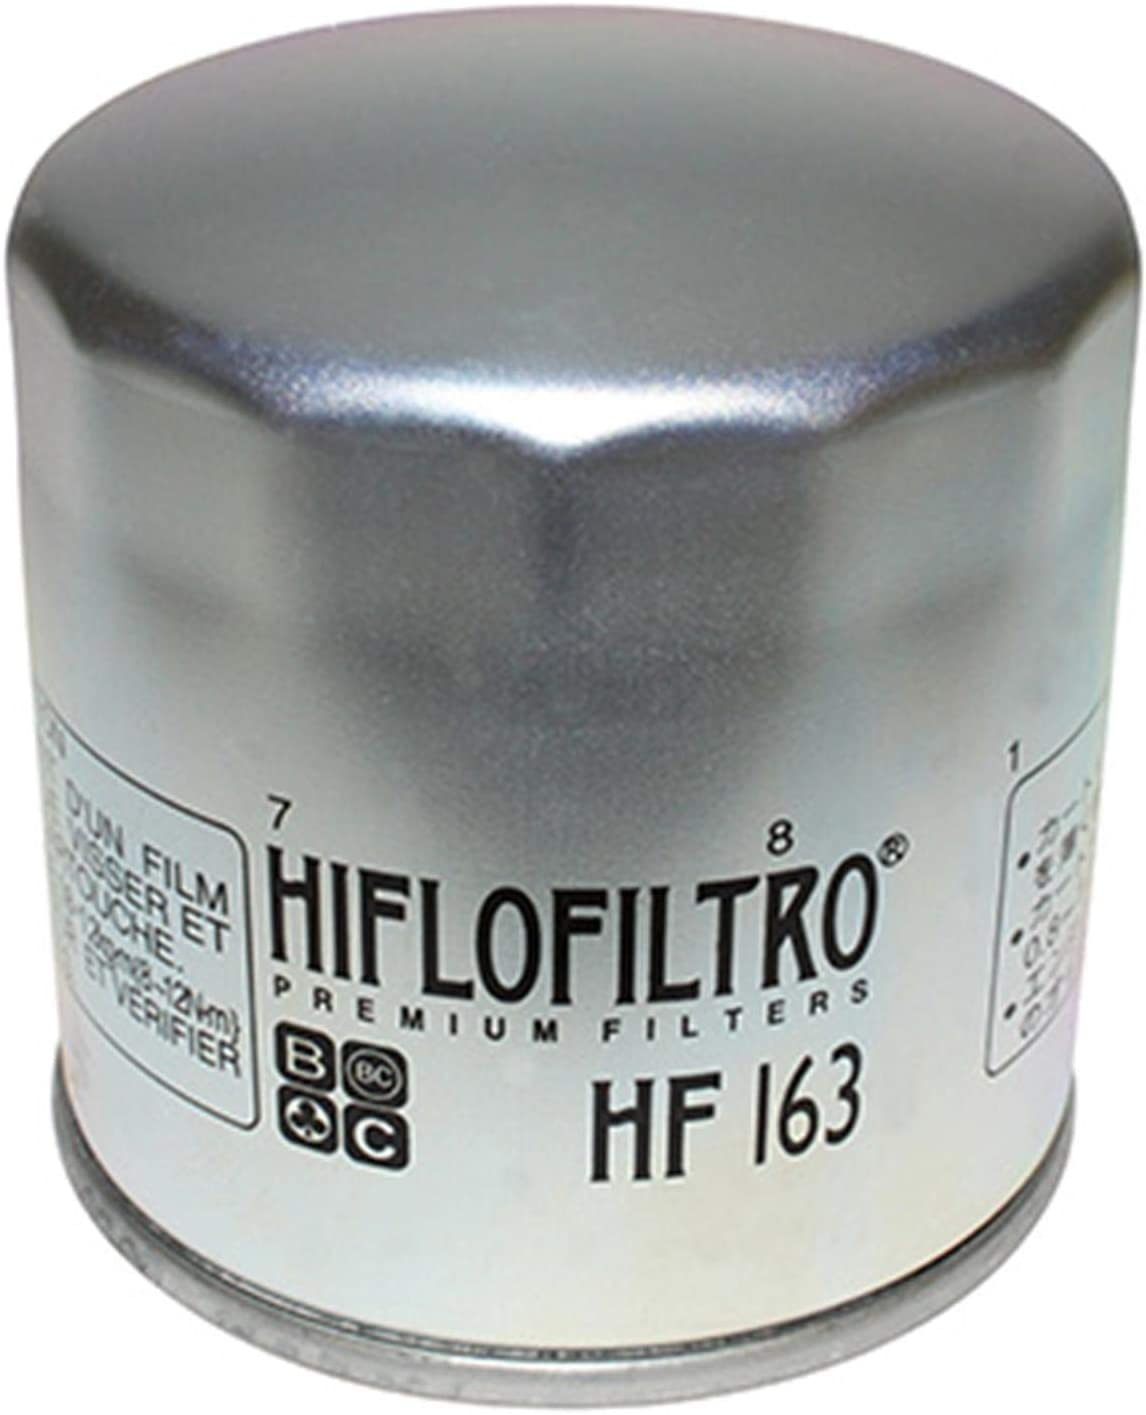 K 100 LT FILTRE A HUILE HIFLOFILTRO POUR BMW K75 K 1200 GT R 850 RT R 1100 S 76x79mm HF163 R 1150 GS